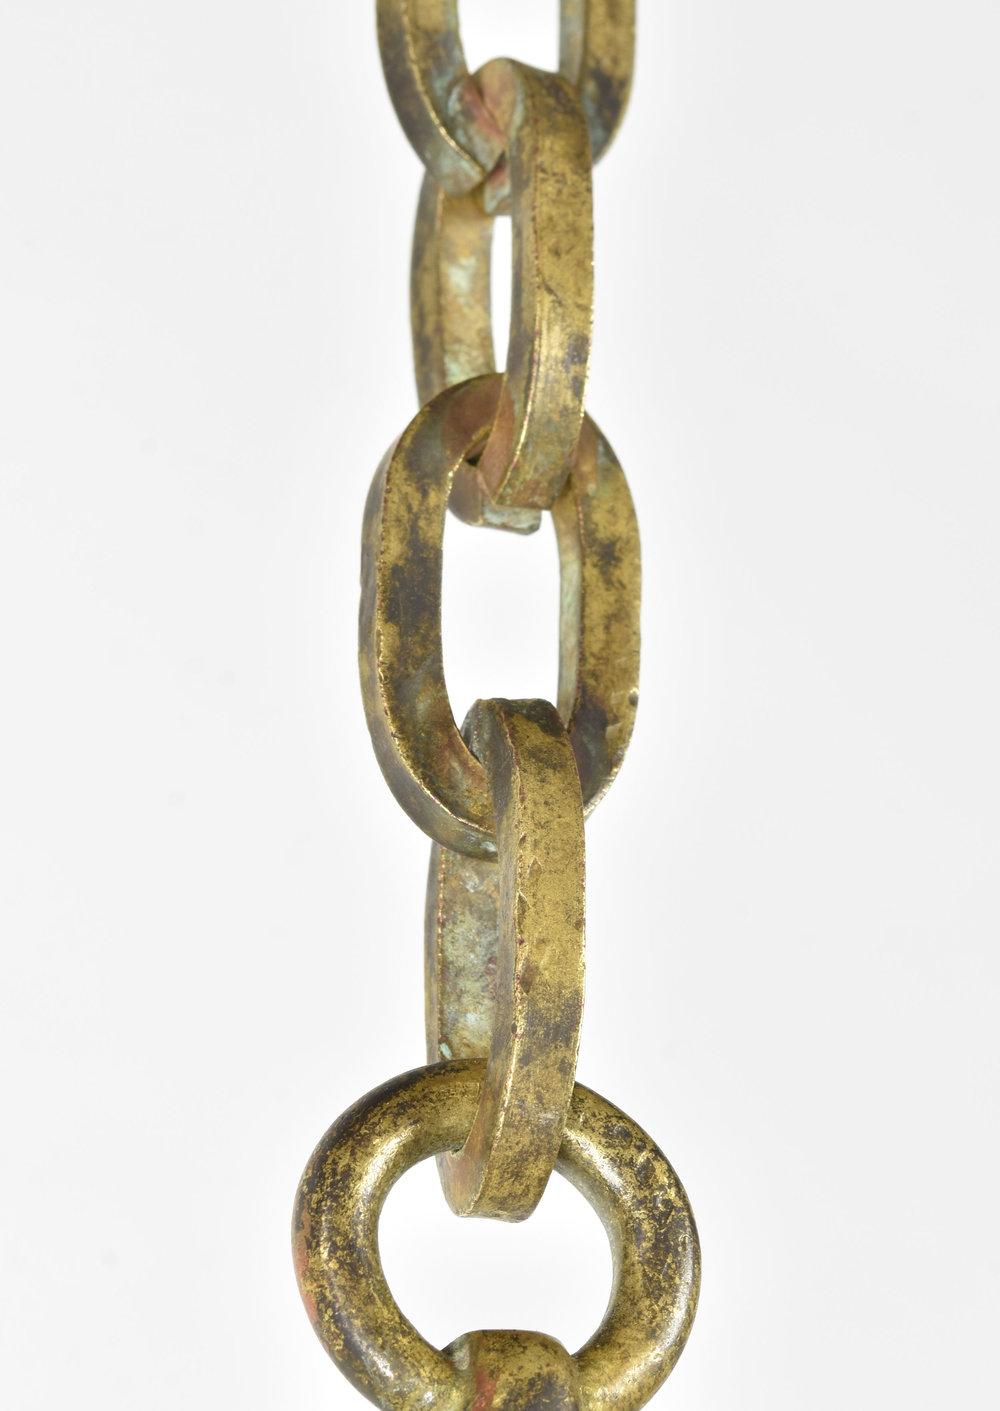 48066_brass slag mission craftsman pendant_detail-4.jpg